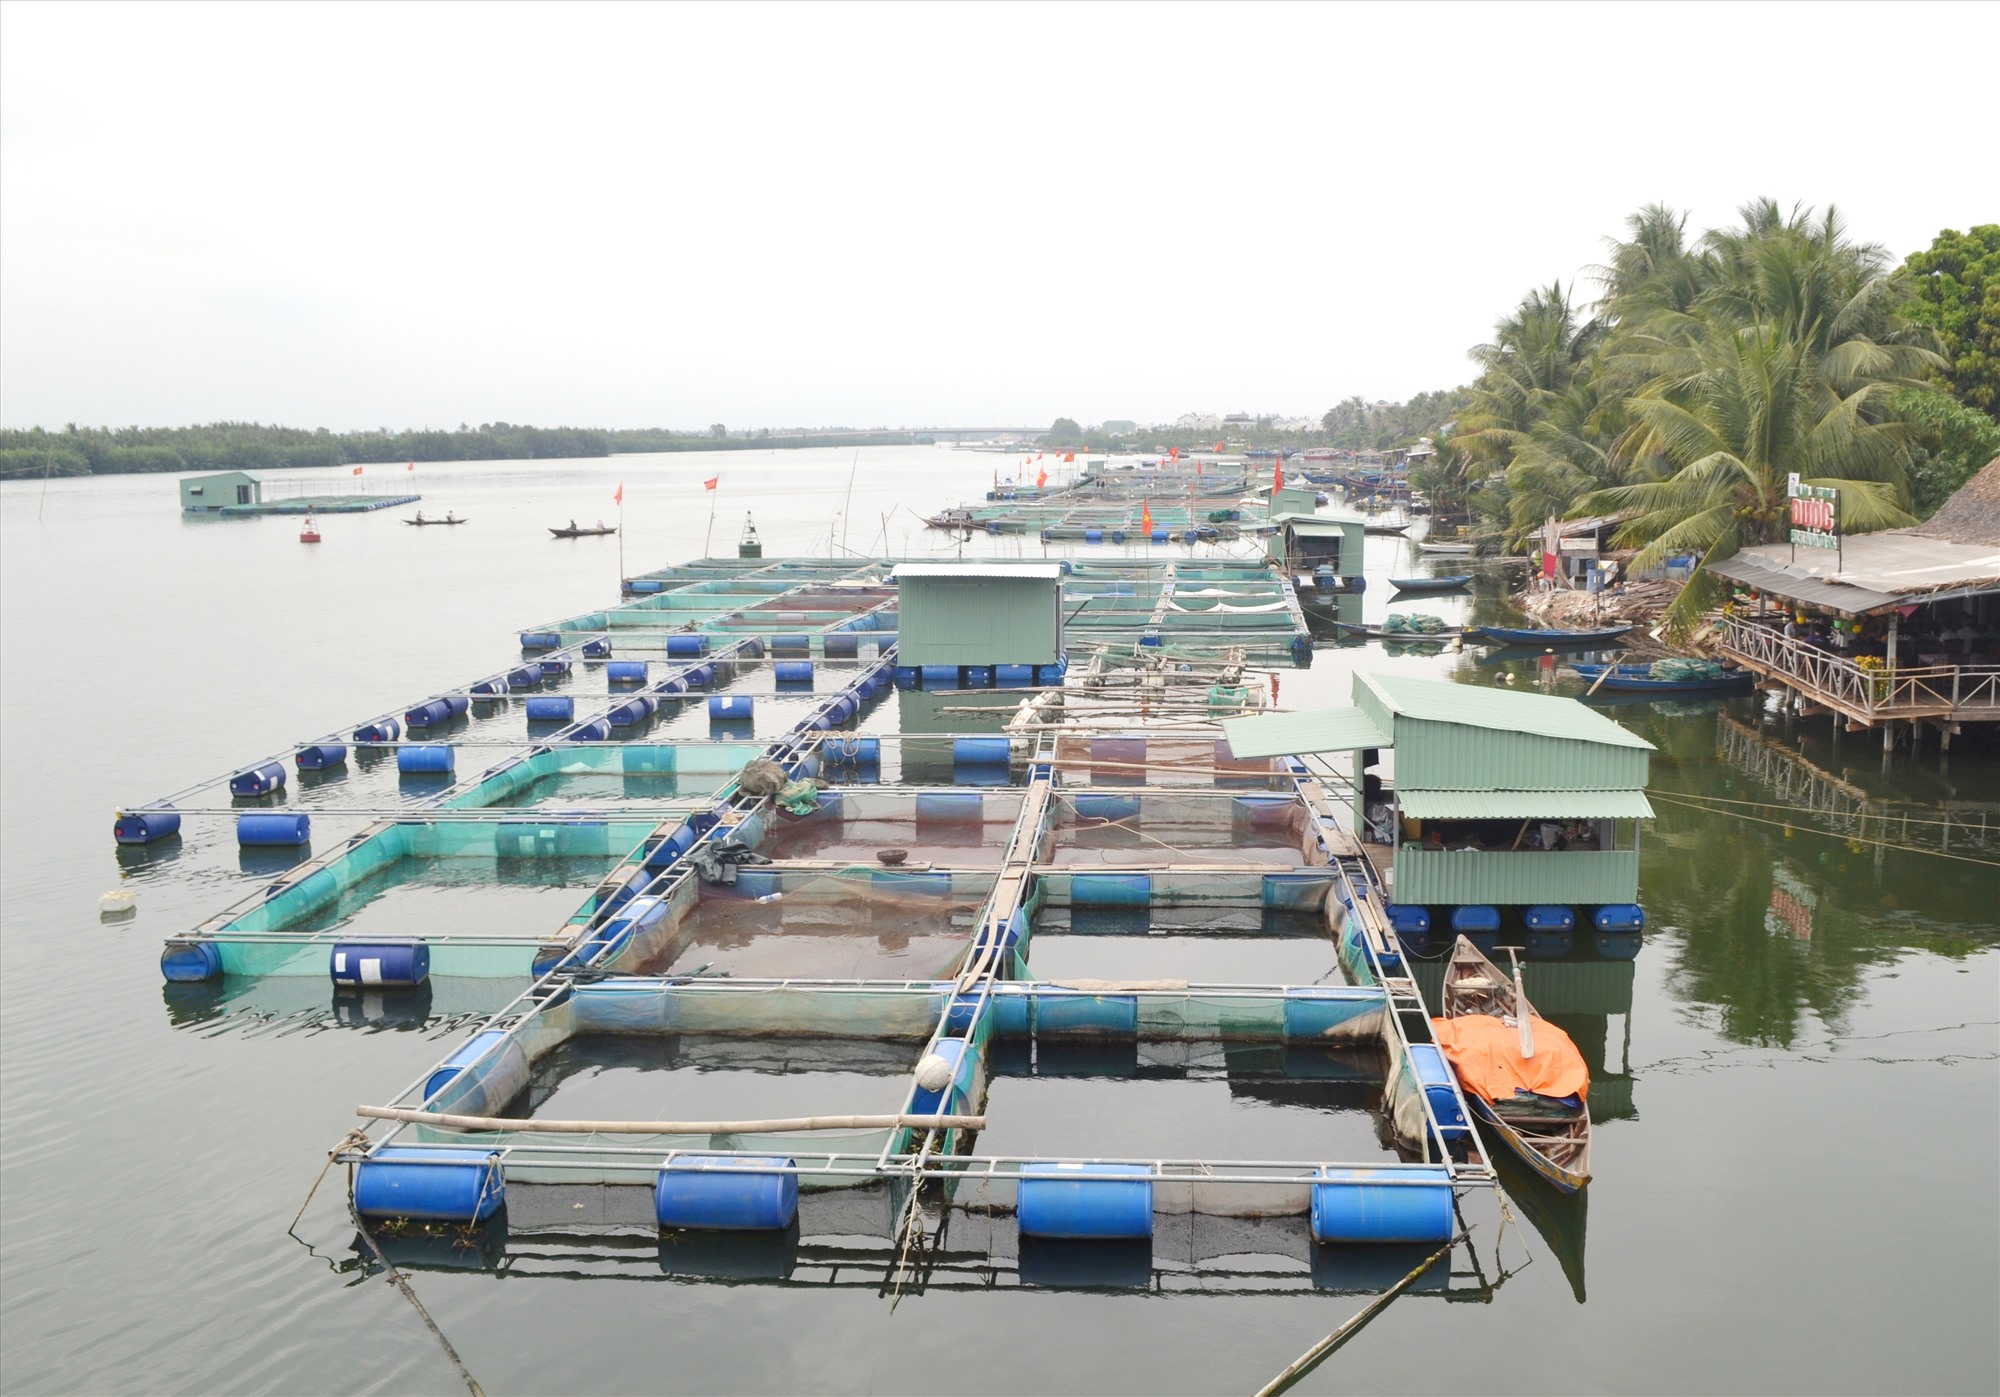 Không kê khai nuôi thủy sản nên nông hộ nuôi cá trong lồng bè trên địa bàn tỉnh không được hỗ trợ khi cá chết do thiên tai hoặc dịch bệnh. Ảnh: VIỆT NGUYỄN